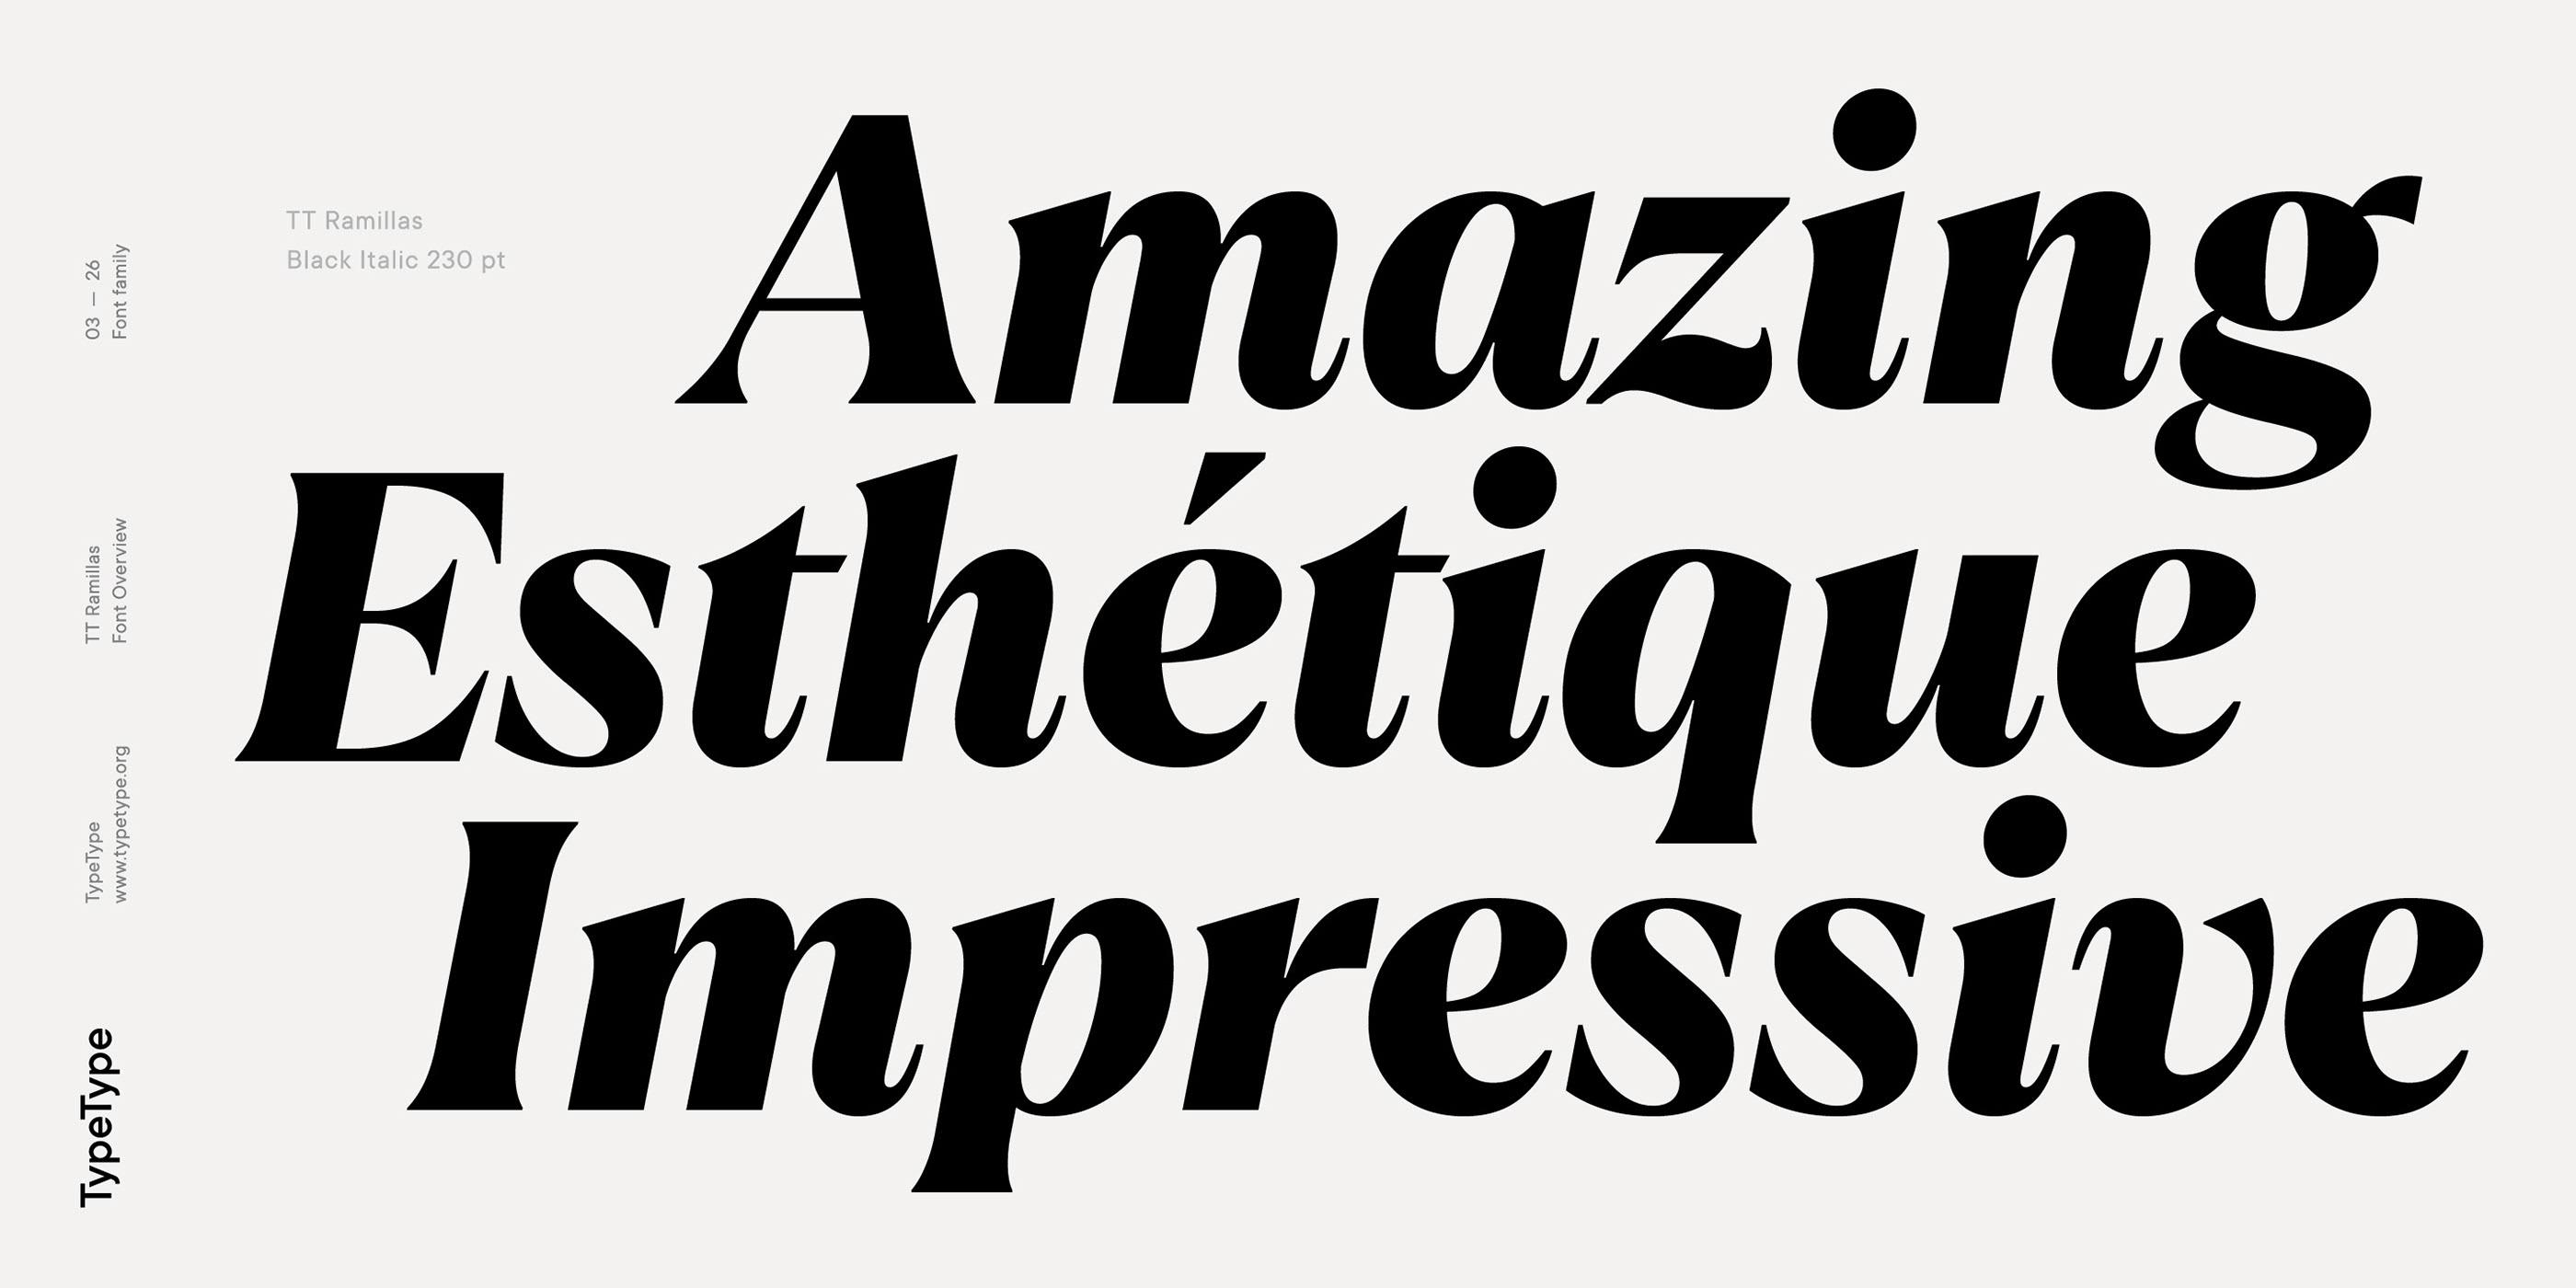 时尚海报标题文字设计衬线英文字体素材 Ramillas Typeface插图(2)